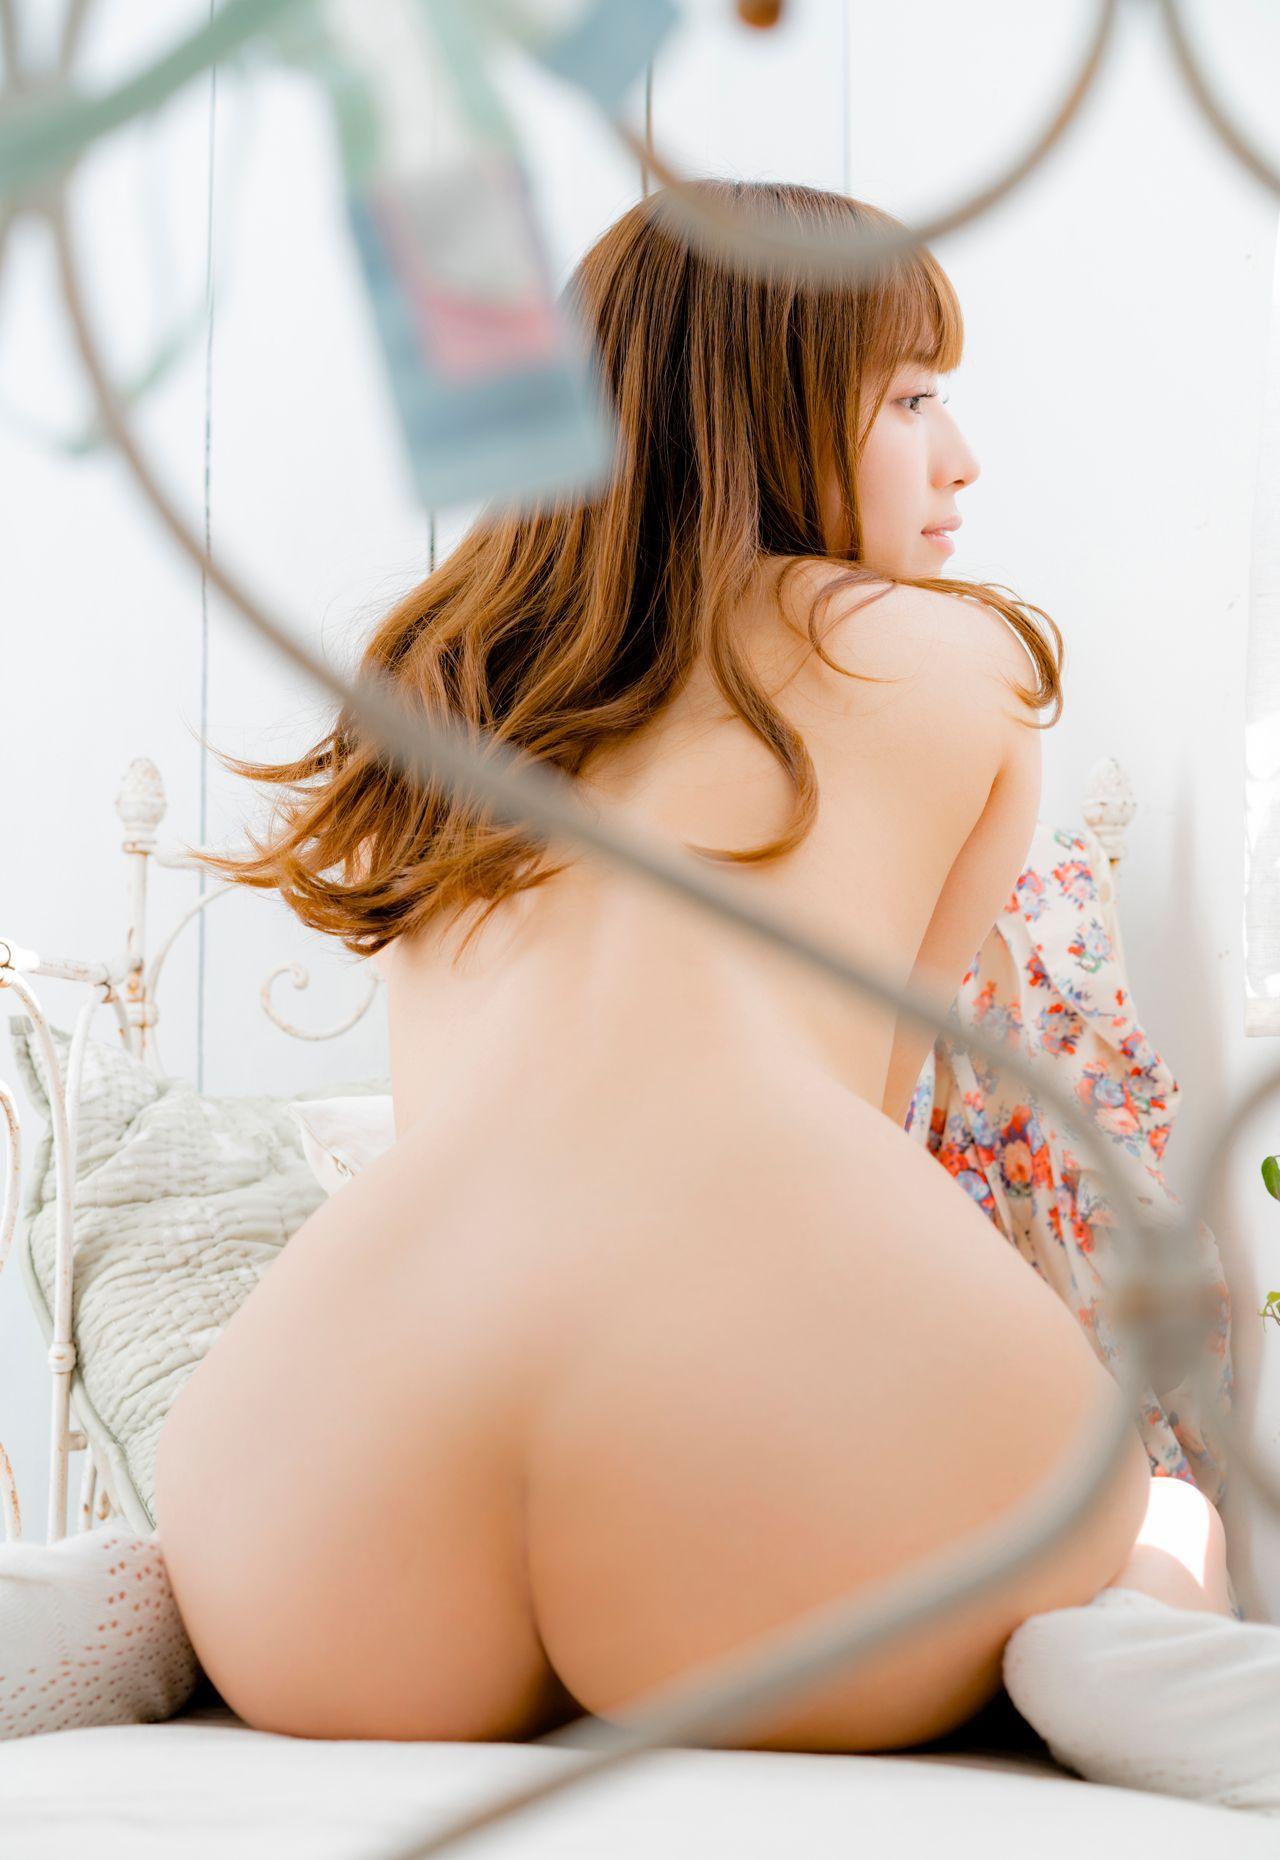 お姉さんの形の綺麗なお尻をじっくり眺める!